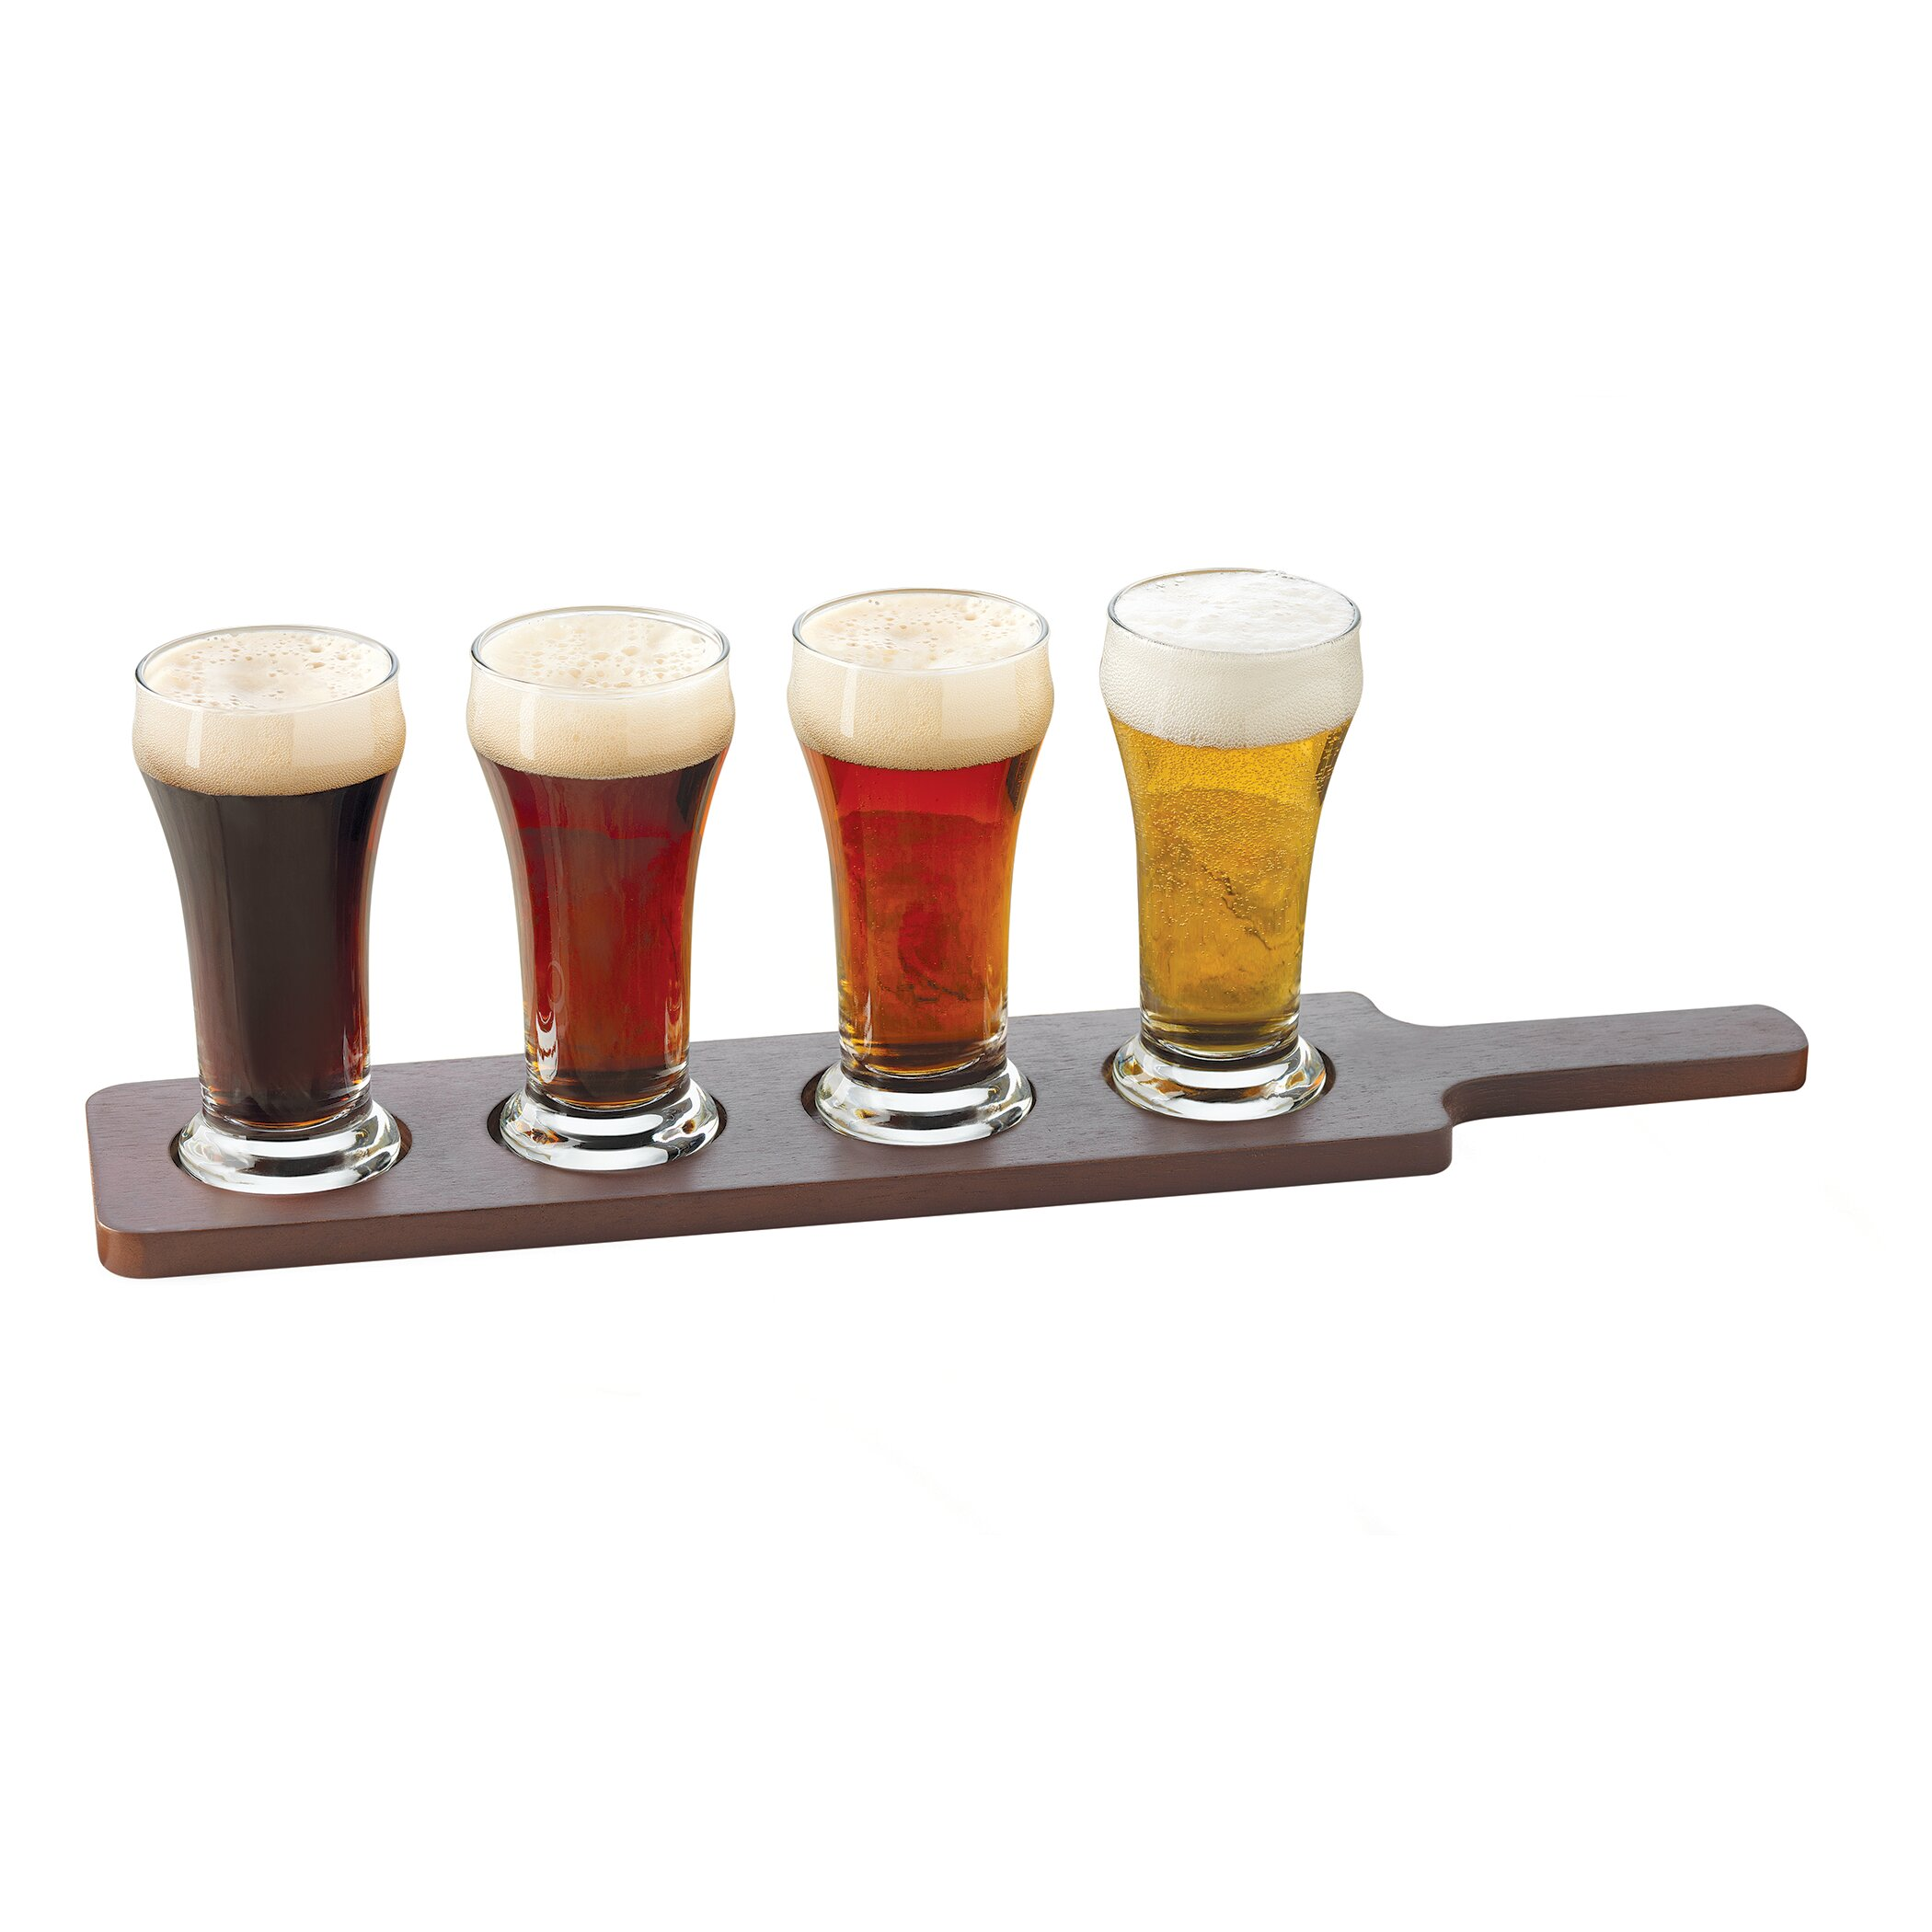 libbey craft brews 4 piece 6 oz beer glass set reviews. Black Bedroom Furniture Sets. Home Design Ideas